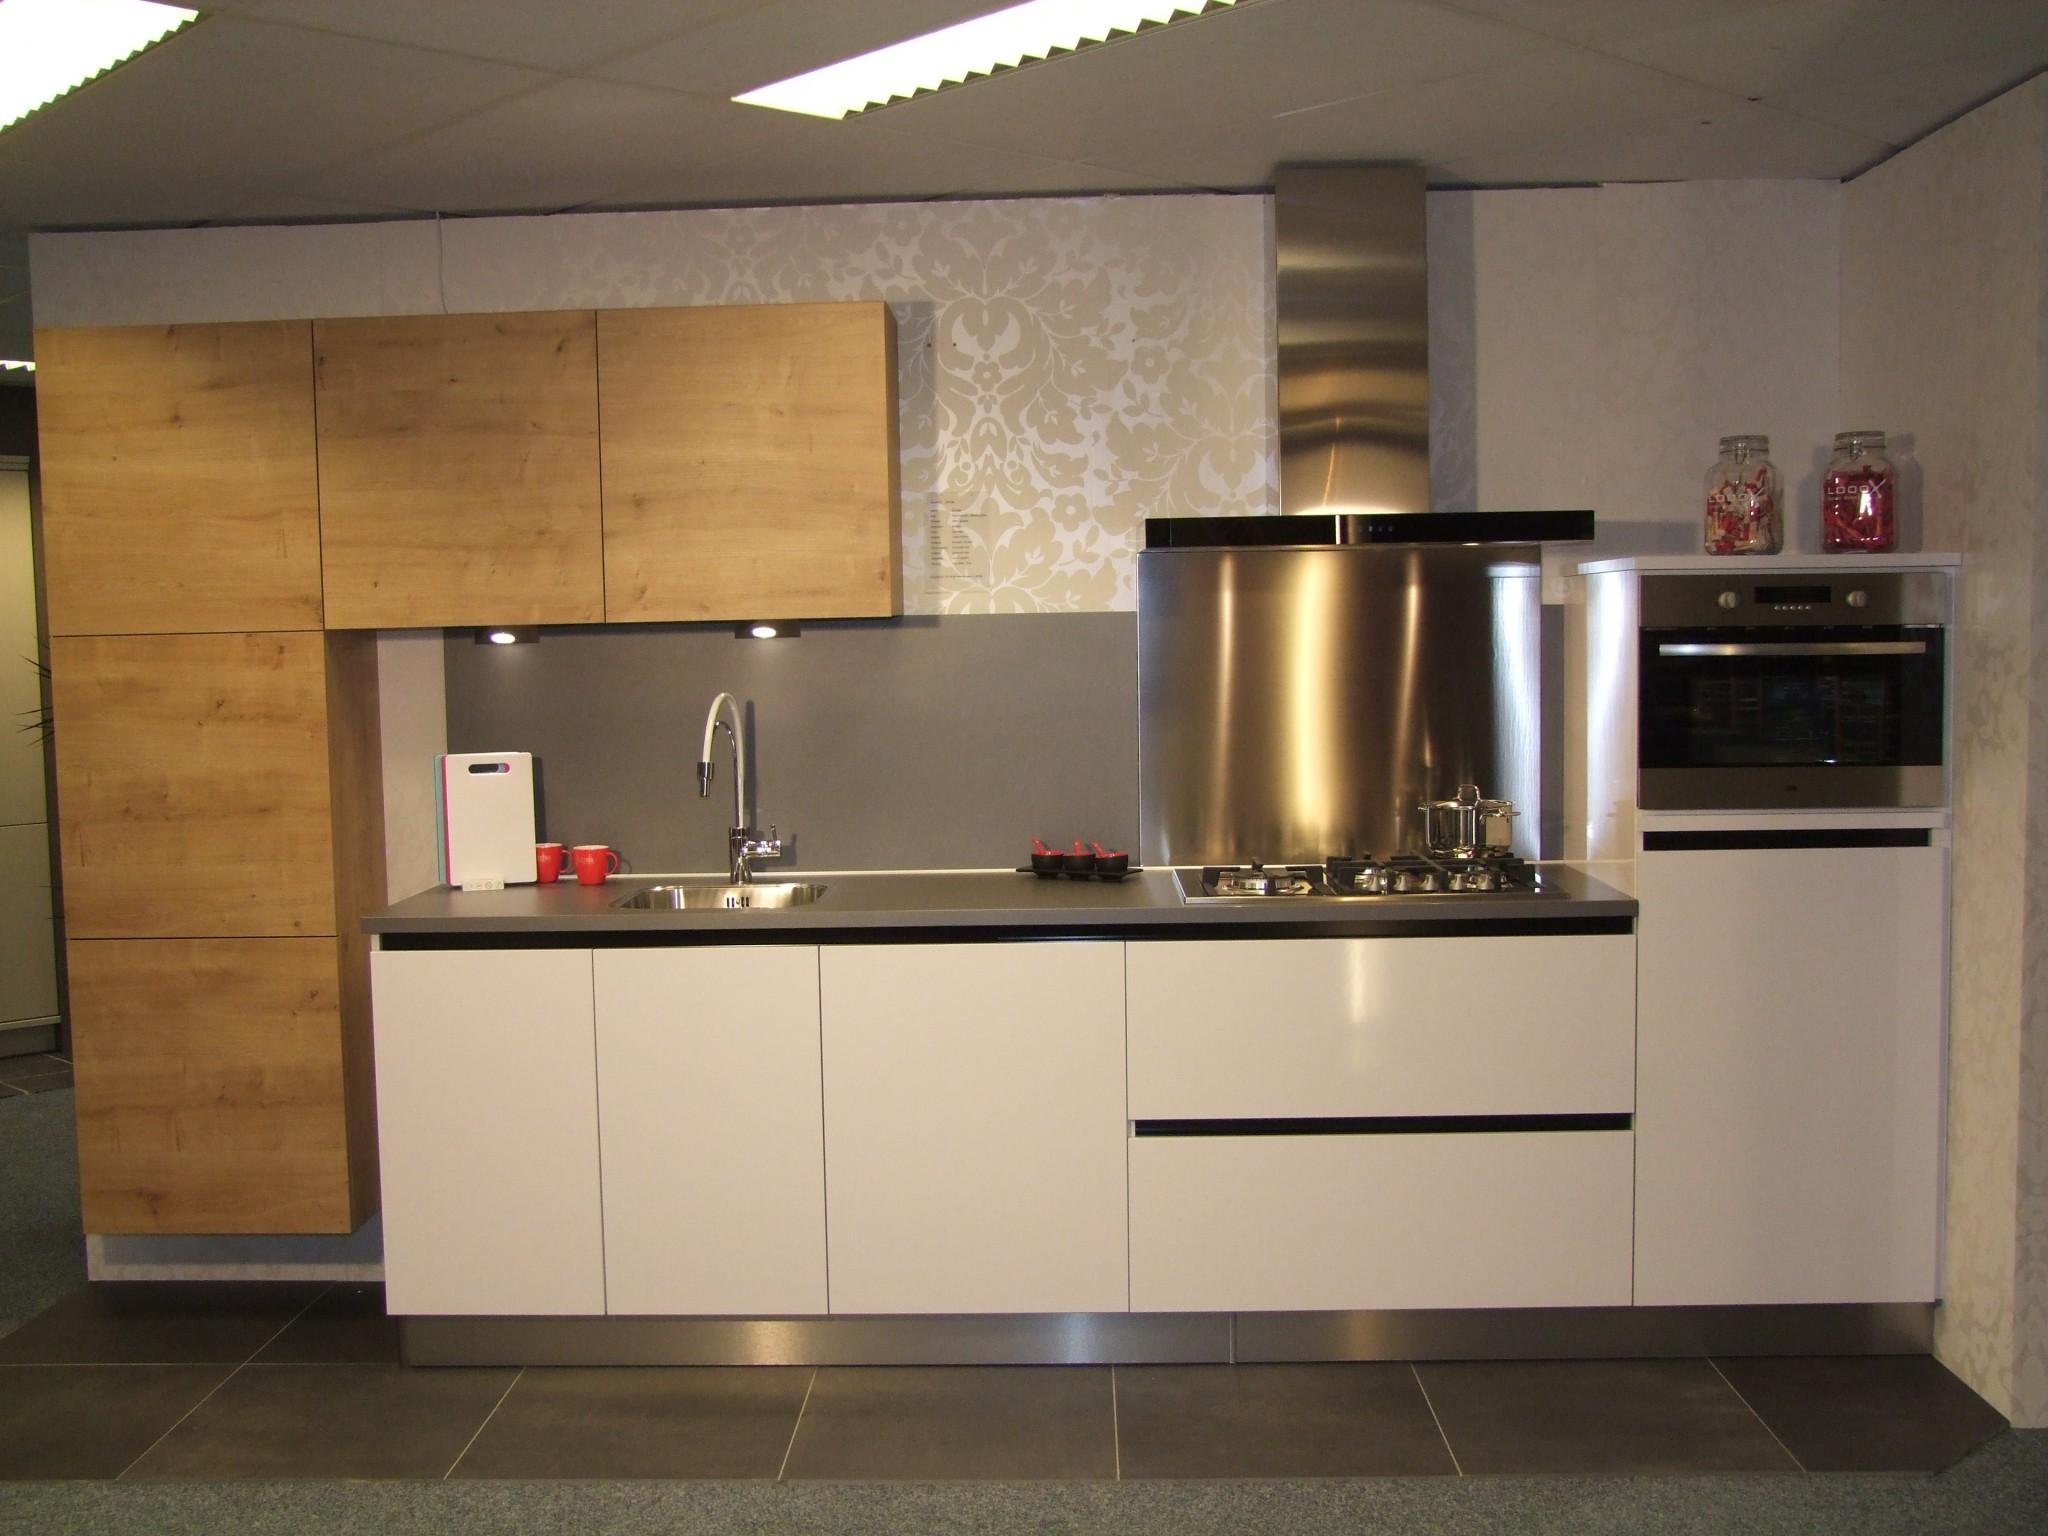 Mooie Keuken Achterwand : Hippe greeploze Schroder keuken – Kremer Keukens Showroom opruiming